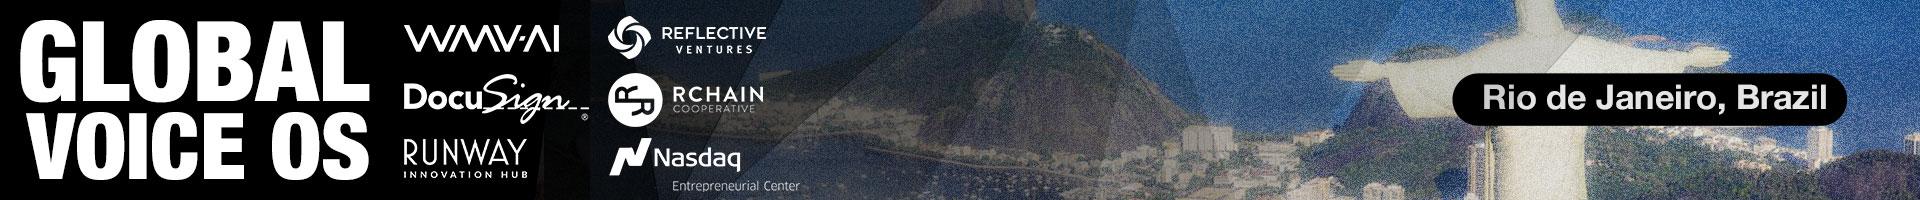 Event-Global-Voice-OS-1920x200-Rio-de-Janeiro-Brazil